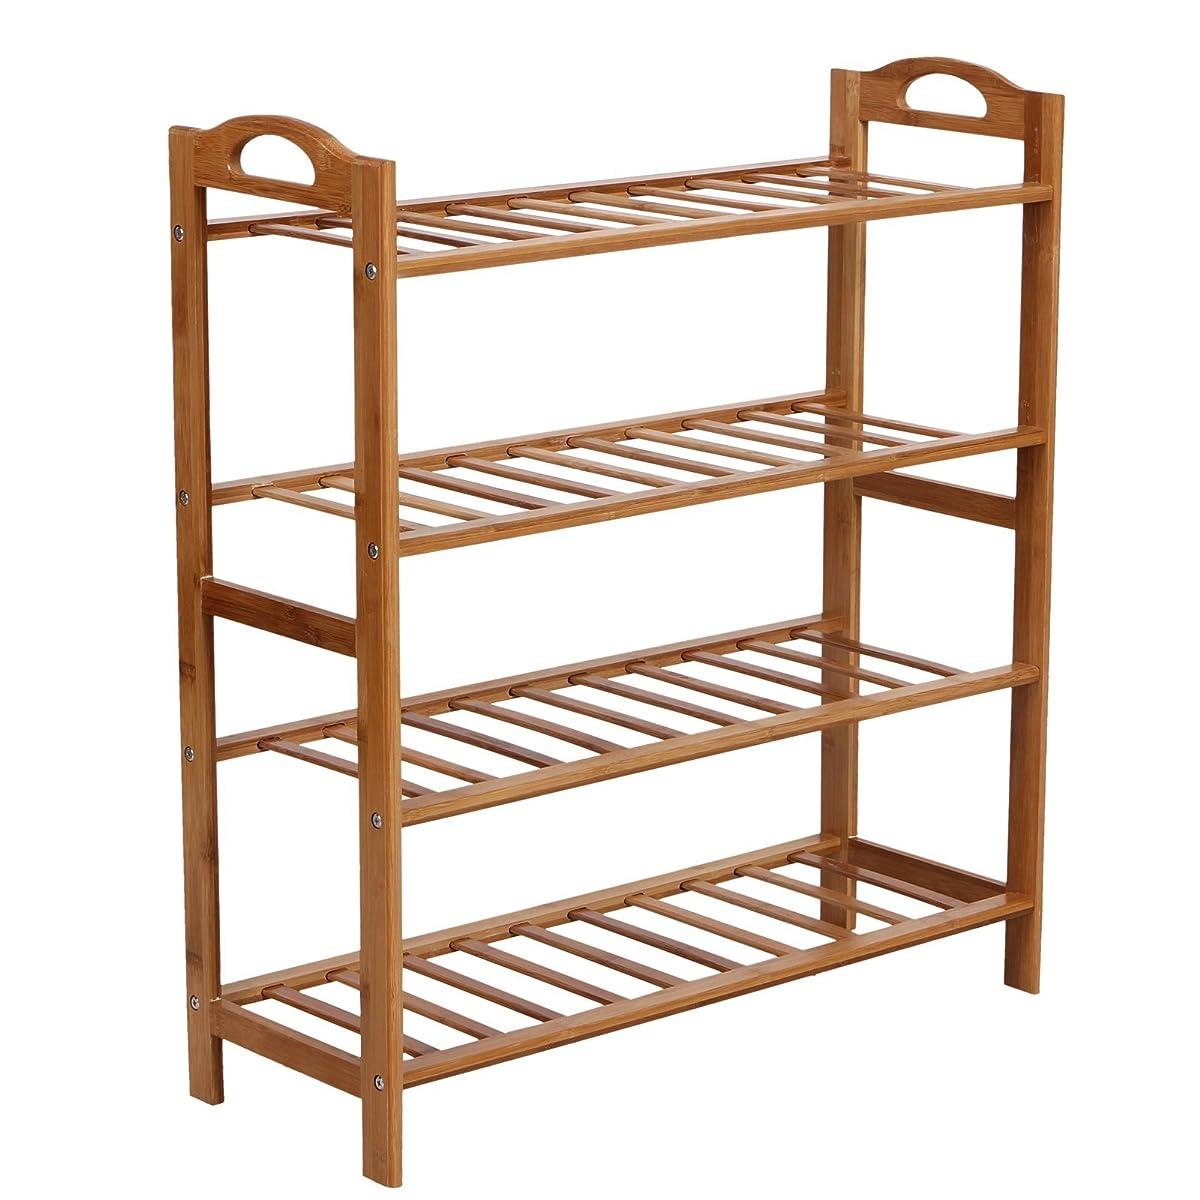 Songmics Bamboo Shoe Rack 4 Tier Entryway Shoe Shelf